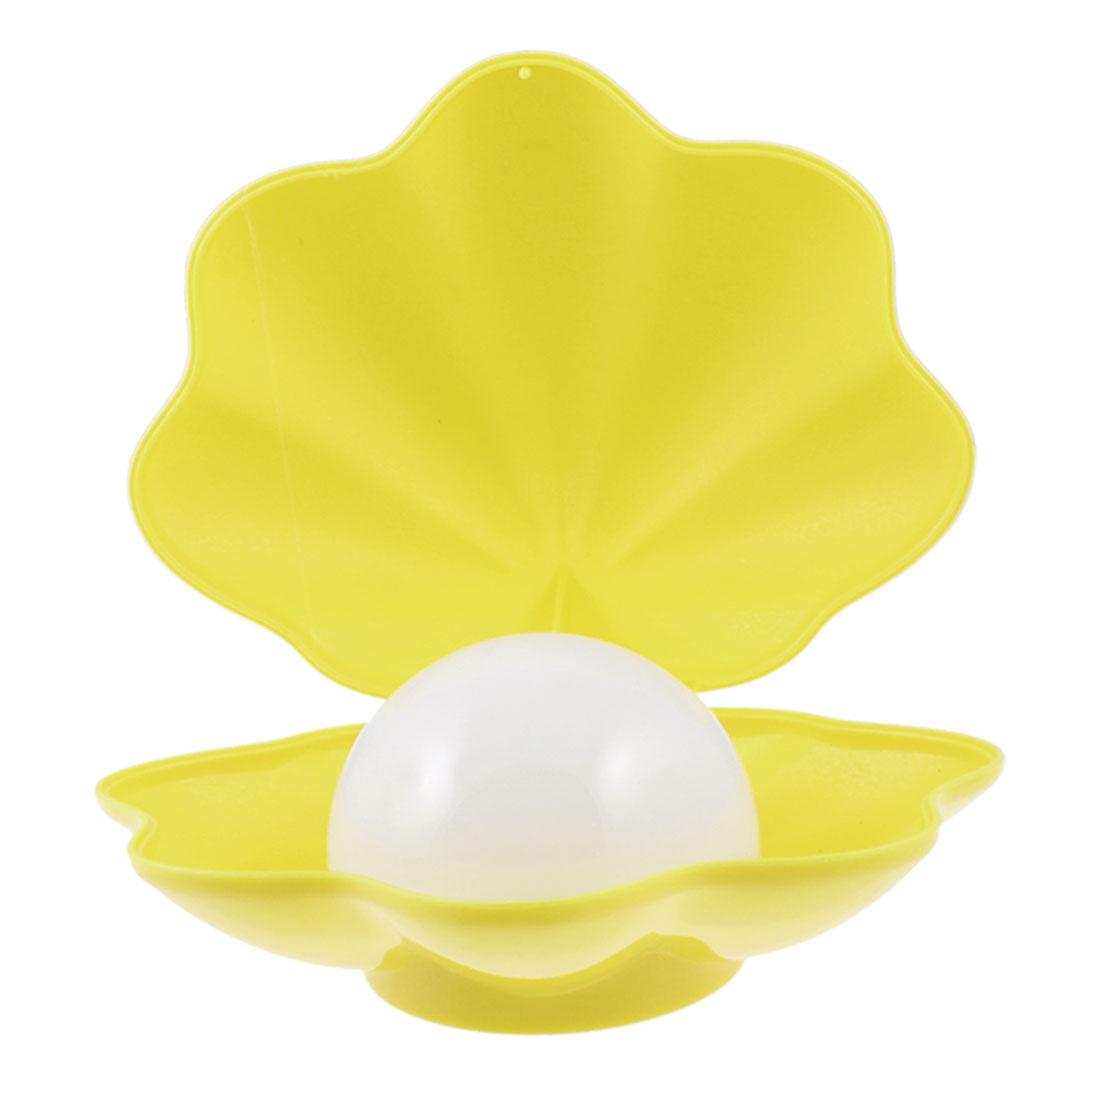 Plastic Conch Shells LED Night Light USB Nightlight Yellow